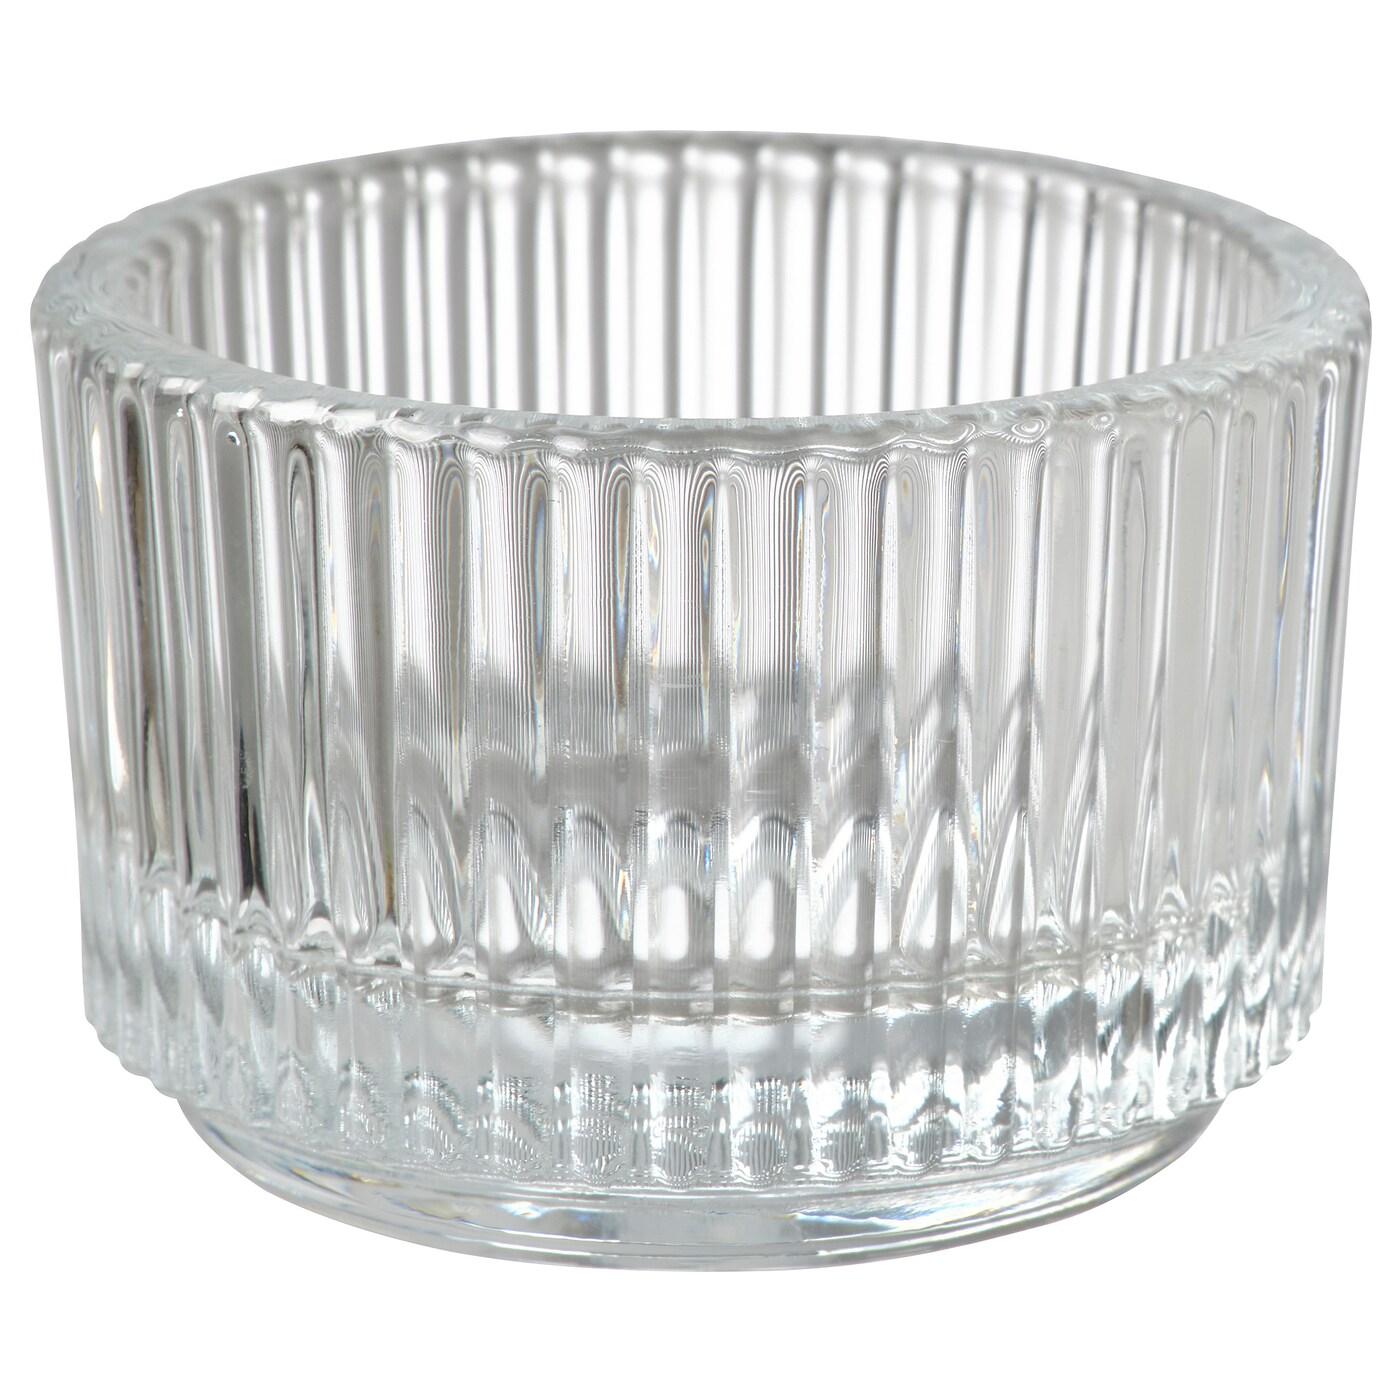 ИКЕА  , Держатель чайной свечи, 004.709.82, Чистое стекло, 3,5 см